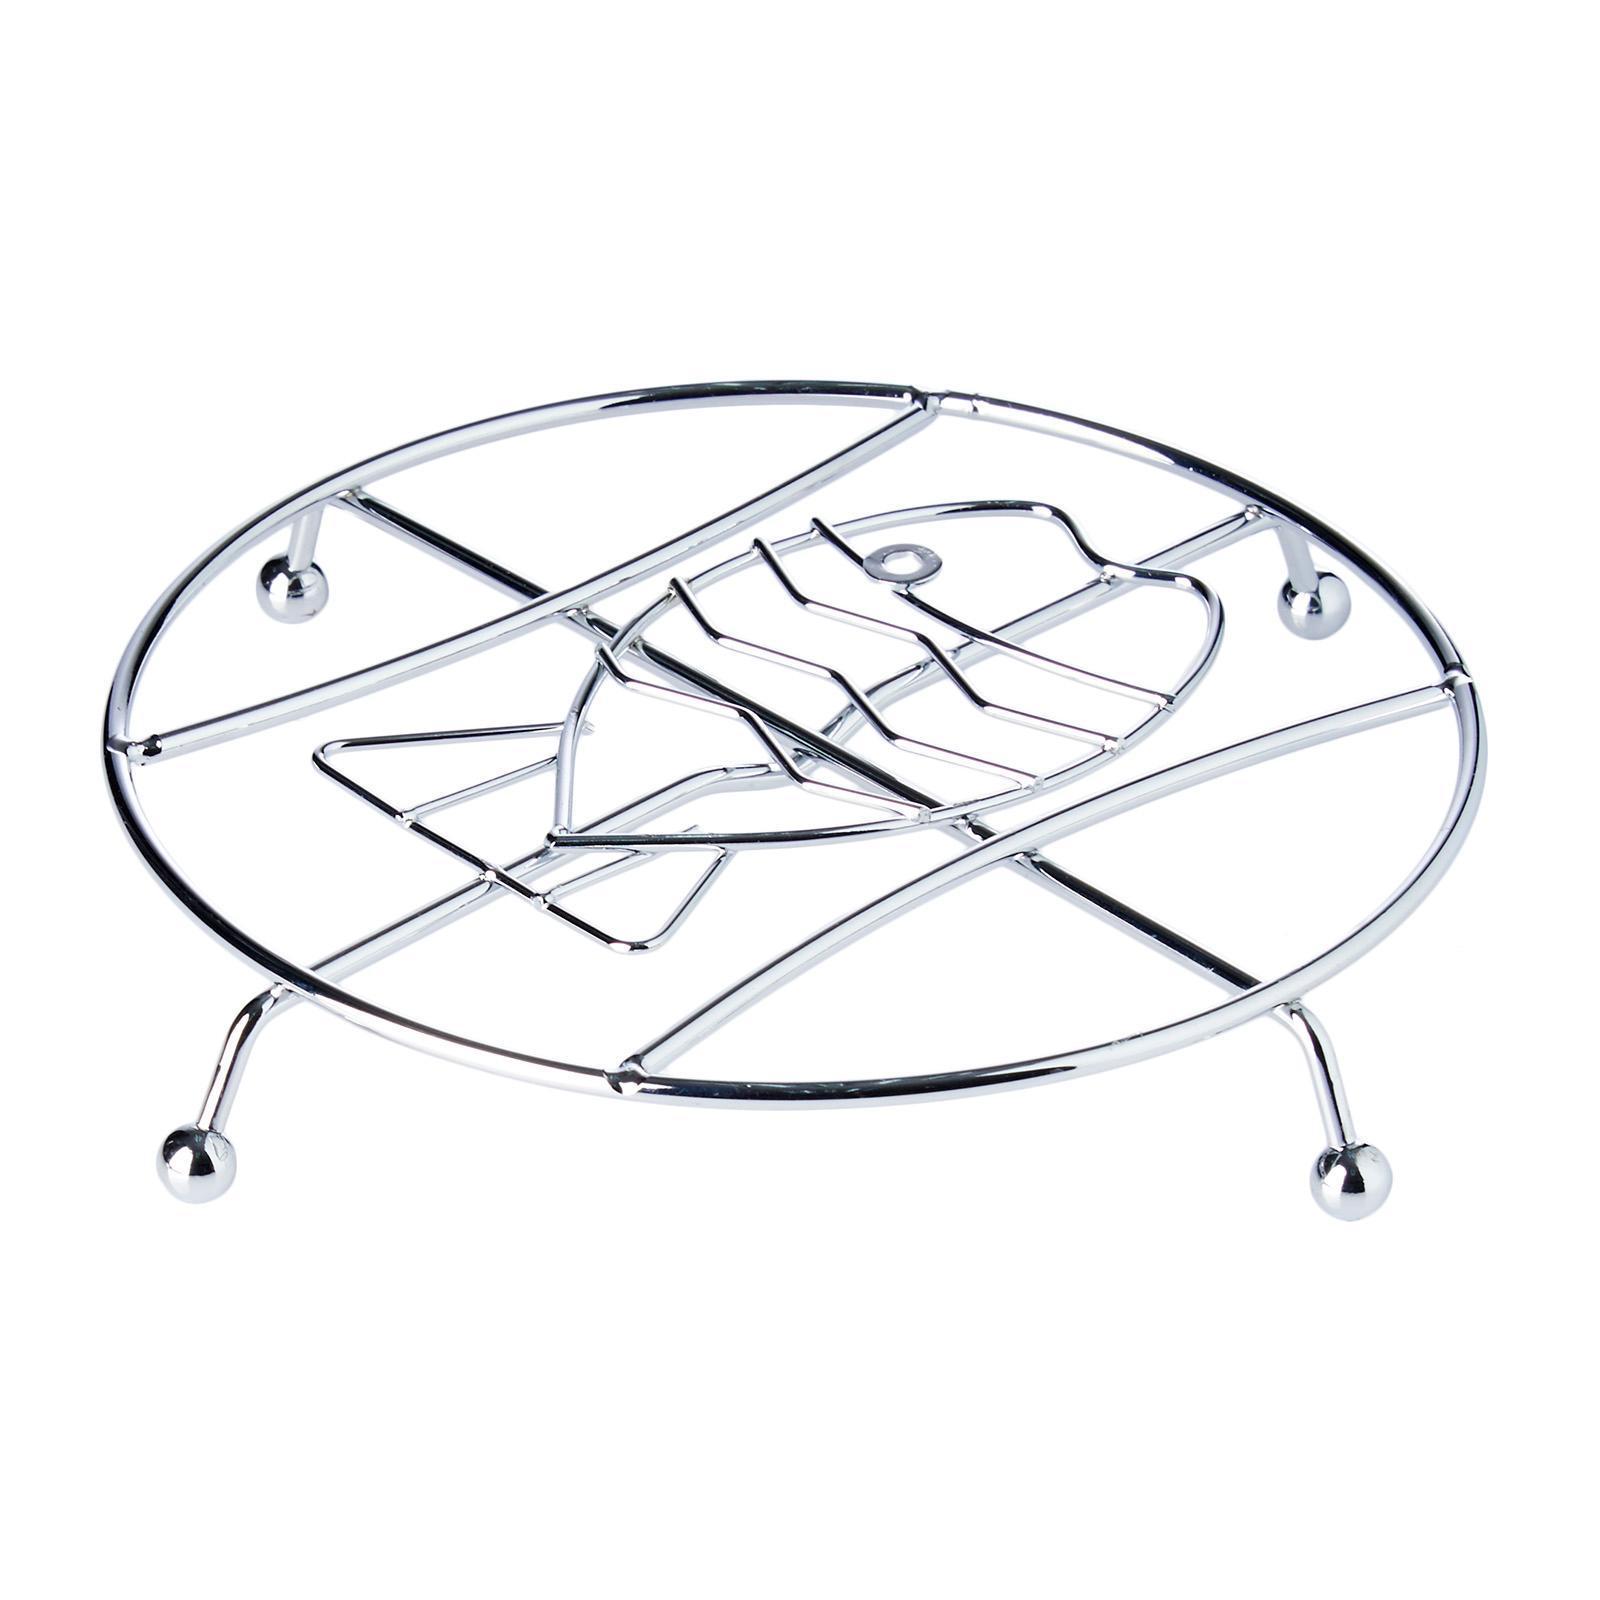 Vesta Chrome Pot/Steamer Rack (Fish) D15.3 Cm